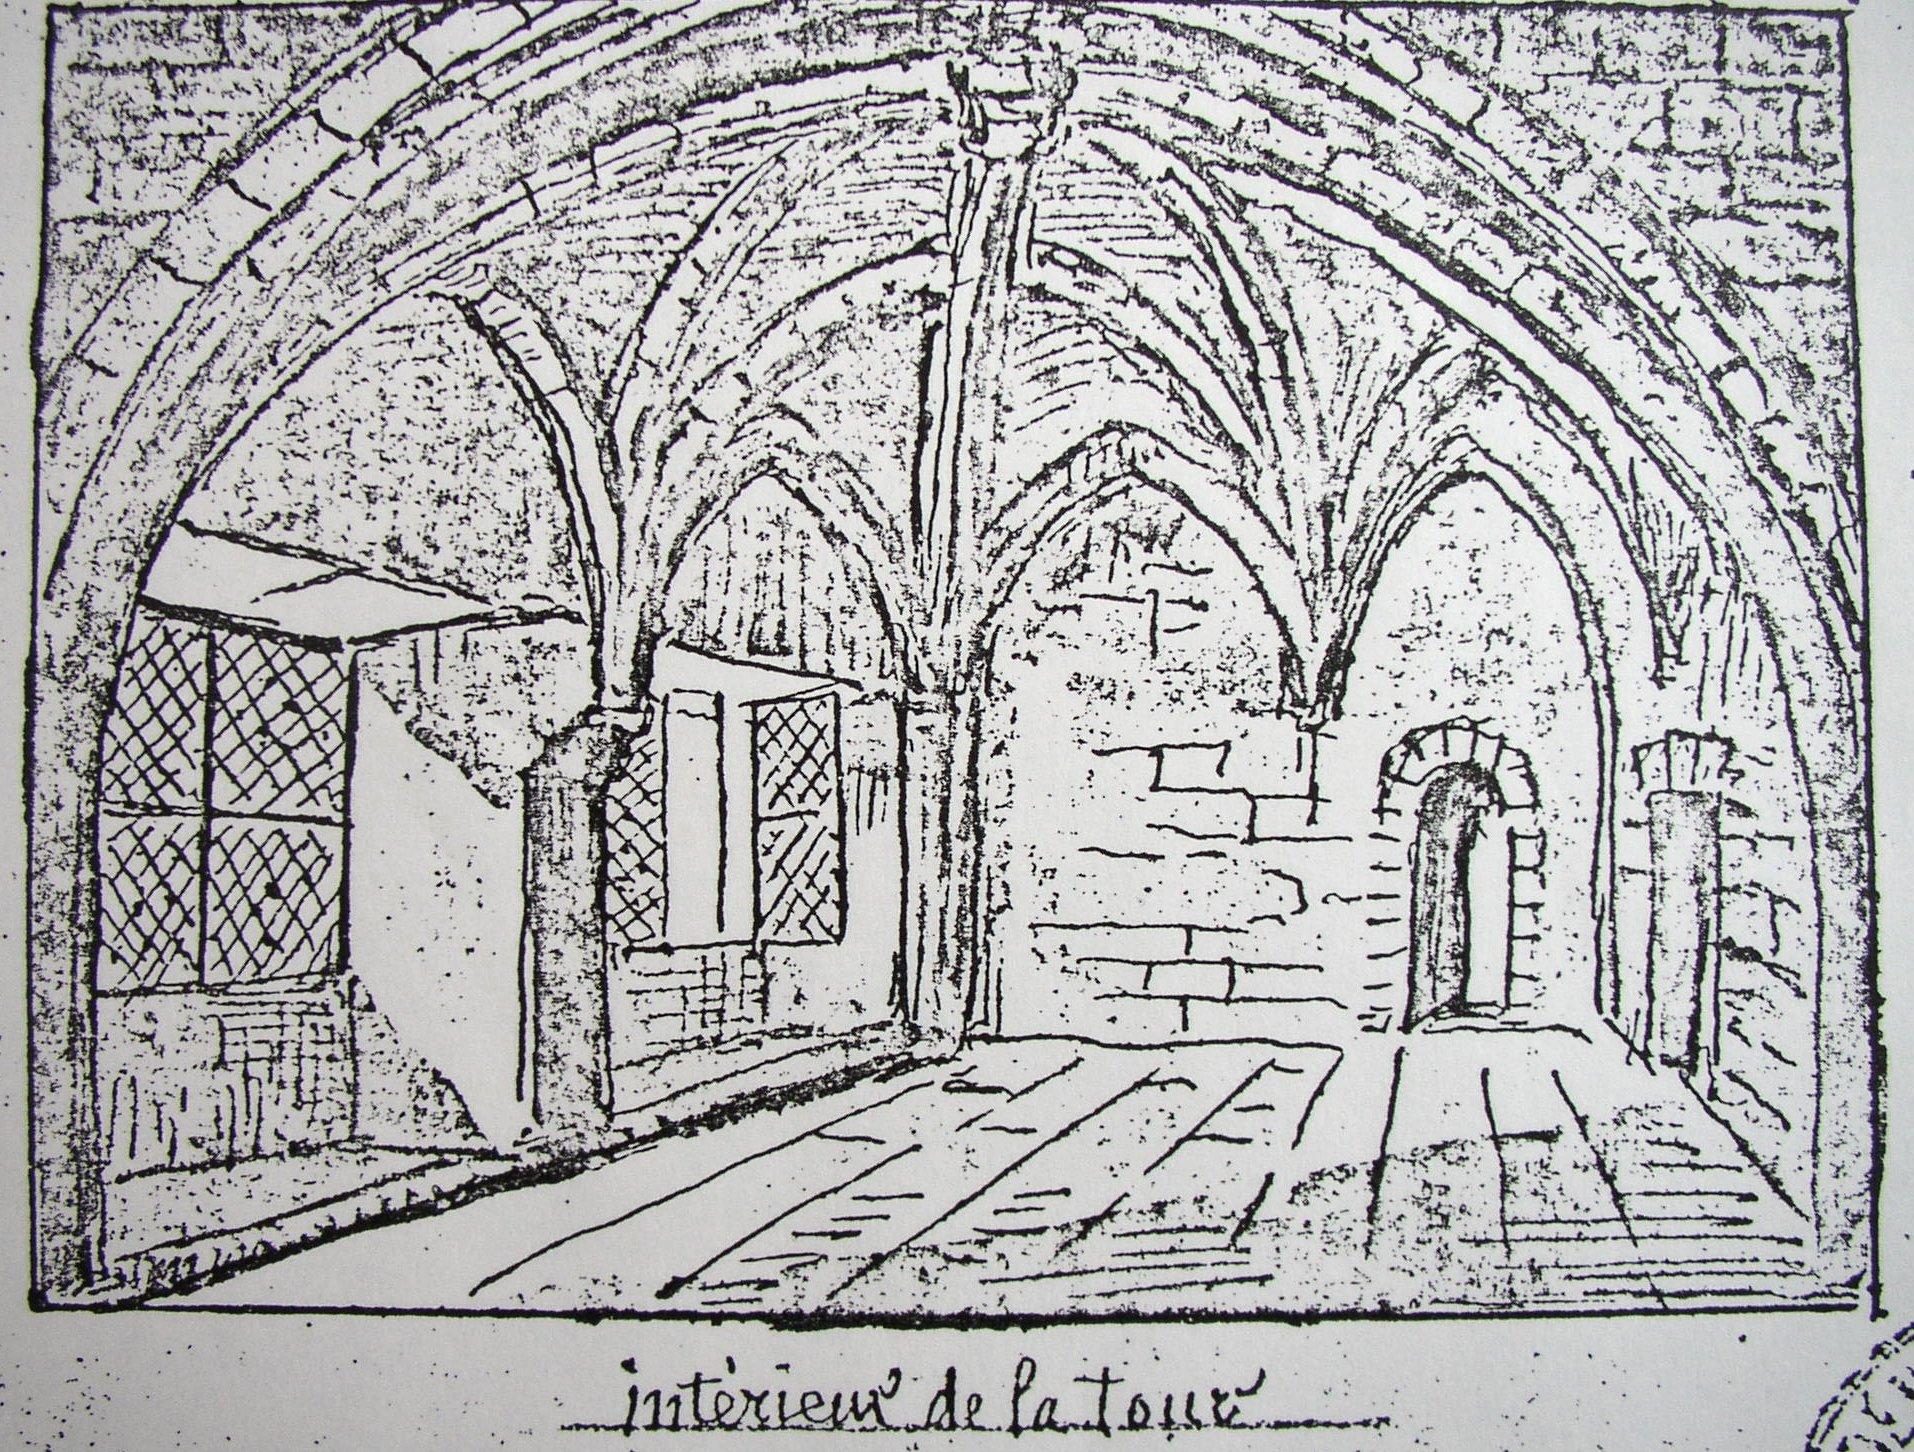 Flavy Edifice Savriennois, intérieur de la tour av14.JPG